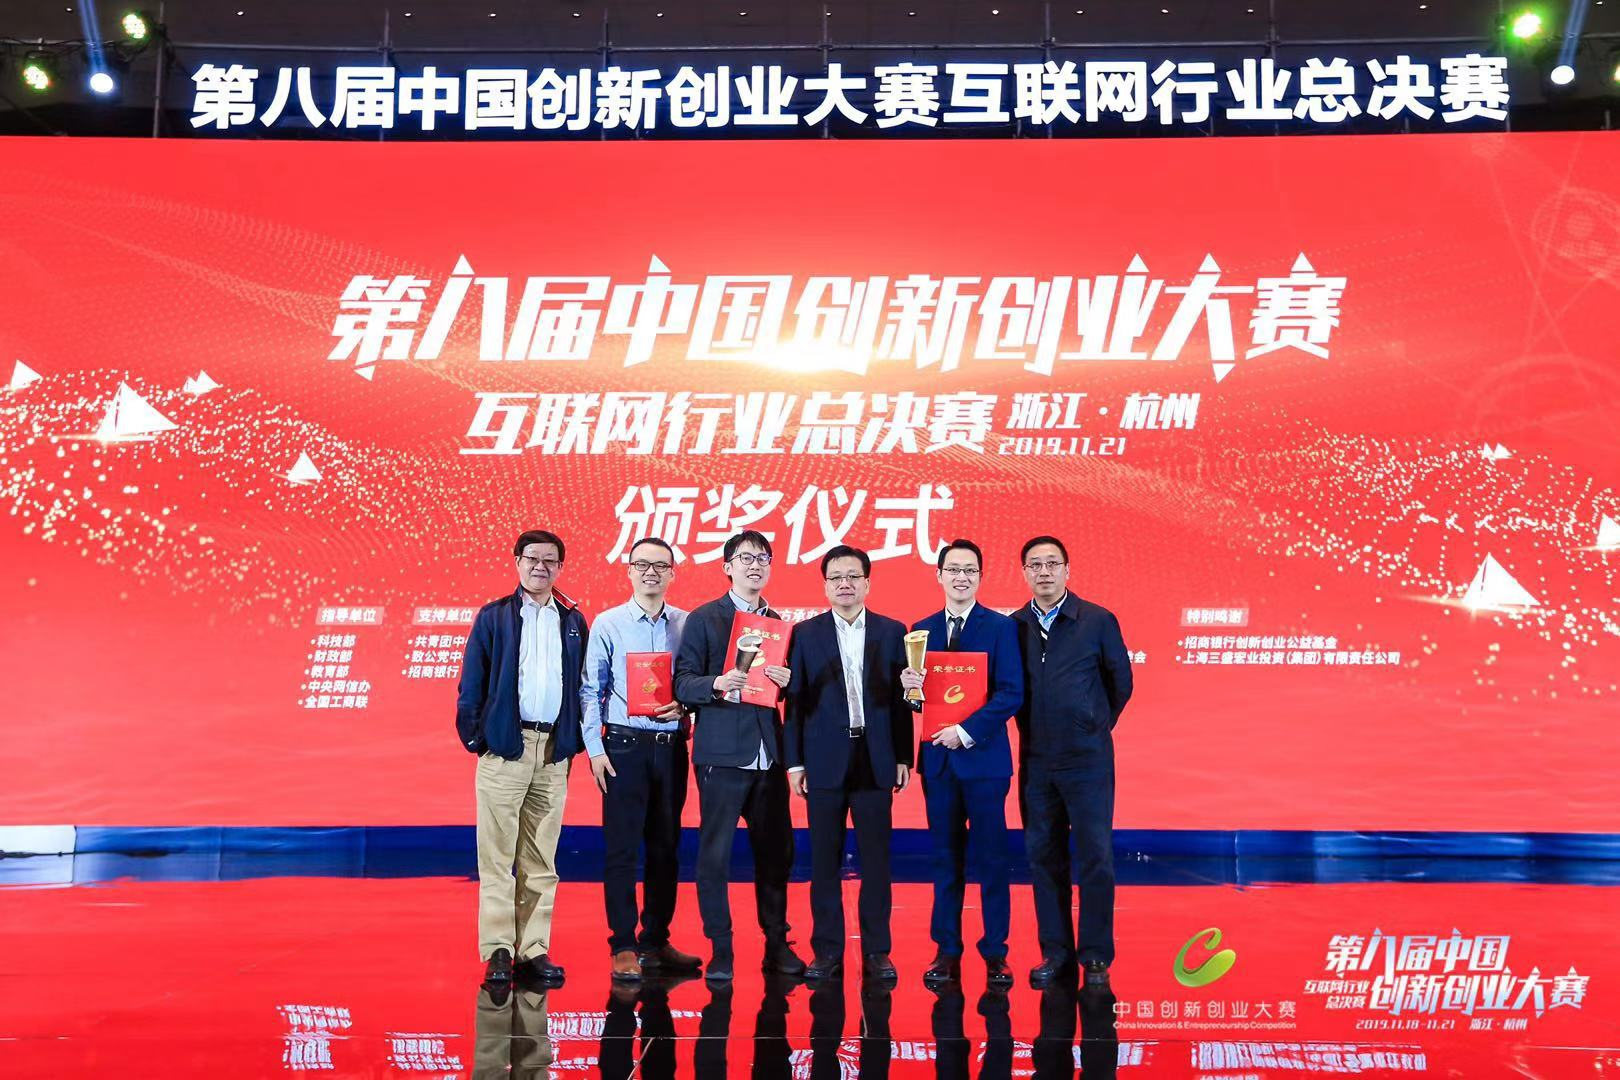 喜报 | 和鲸科技荣获第八届中国创新创业大赛互联网行业总决赛二等奖!